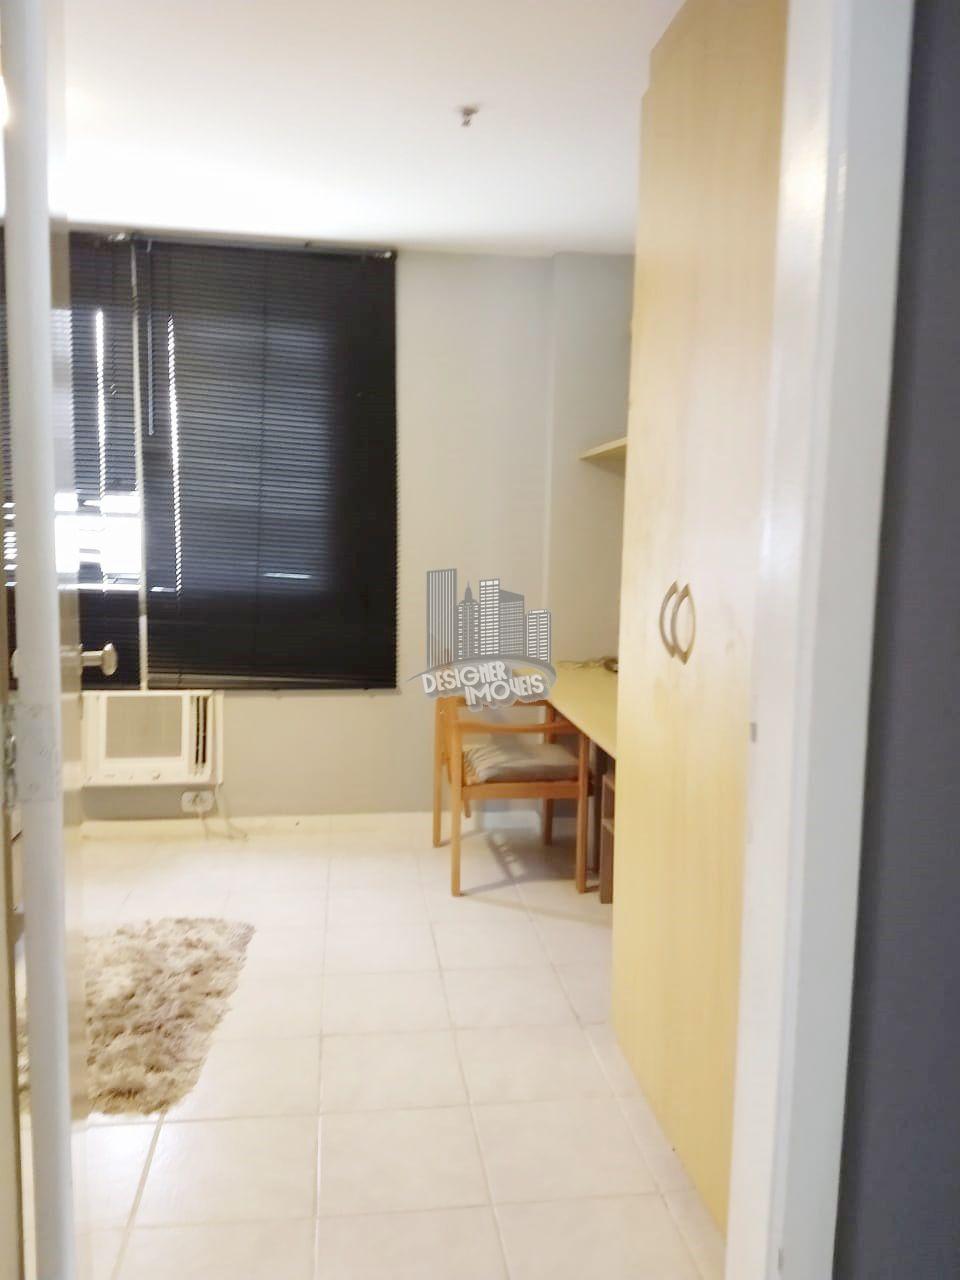 Flat Condomínio Barra Royal Plaza, Avenida Lucio Costa,Rio de Janeiro, Zona Oeste,Barra da Tijuca, RJ Para Alugar, 1 Quarto, 50m² - FLAT0001 - 11